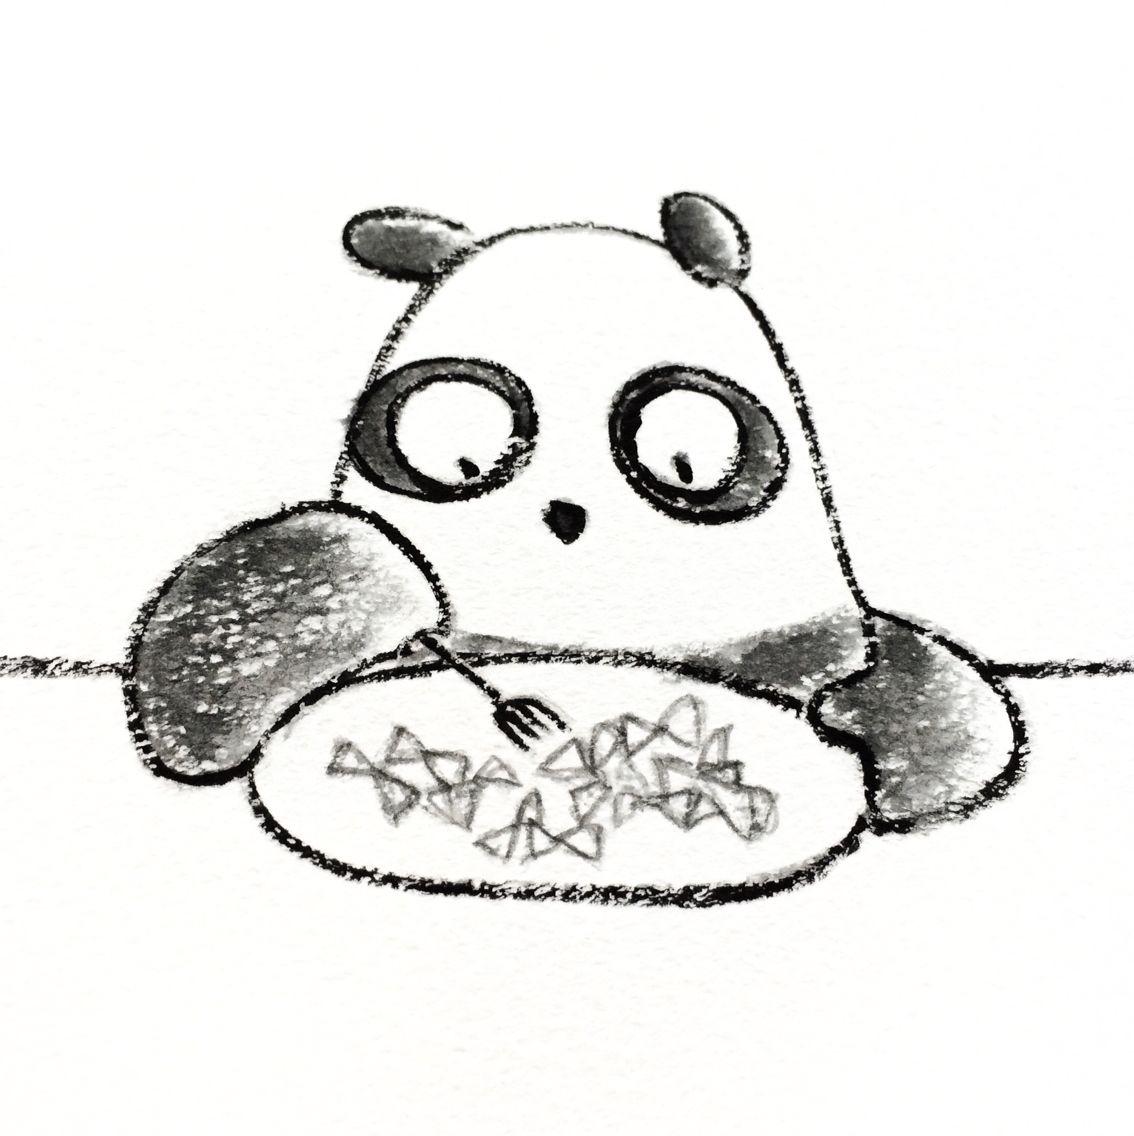 【一日一パンダ】 2014.10.25 マカロニはパスタの一つだよ。 カラフルな物やハートやリボン等色々な形があって 面白いよ。 日本では明治初期に既に工場生産されてたらしいよ。